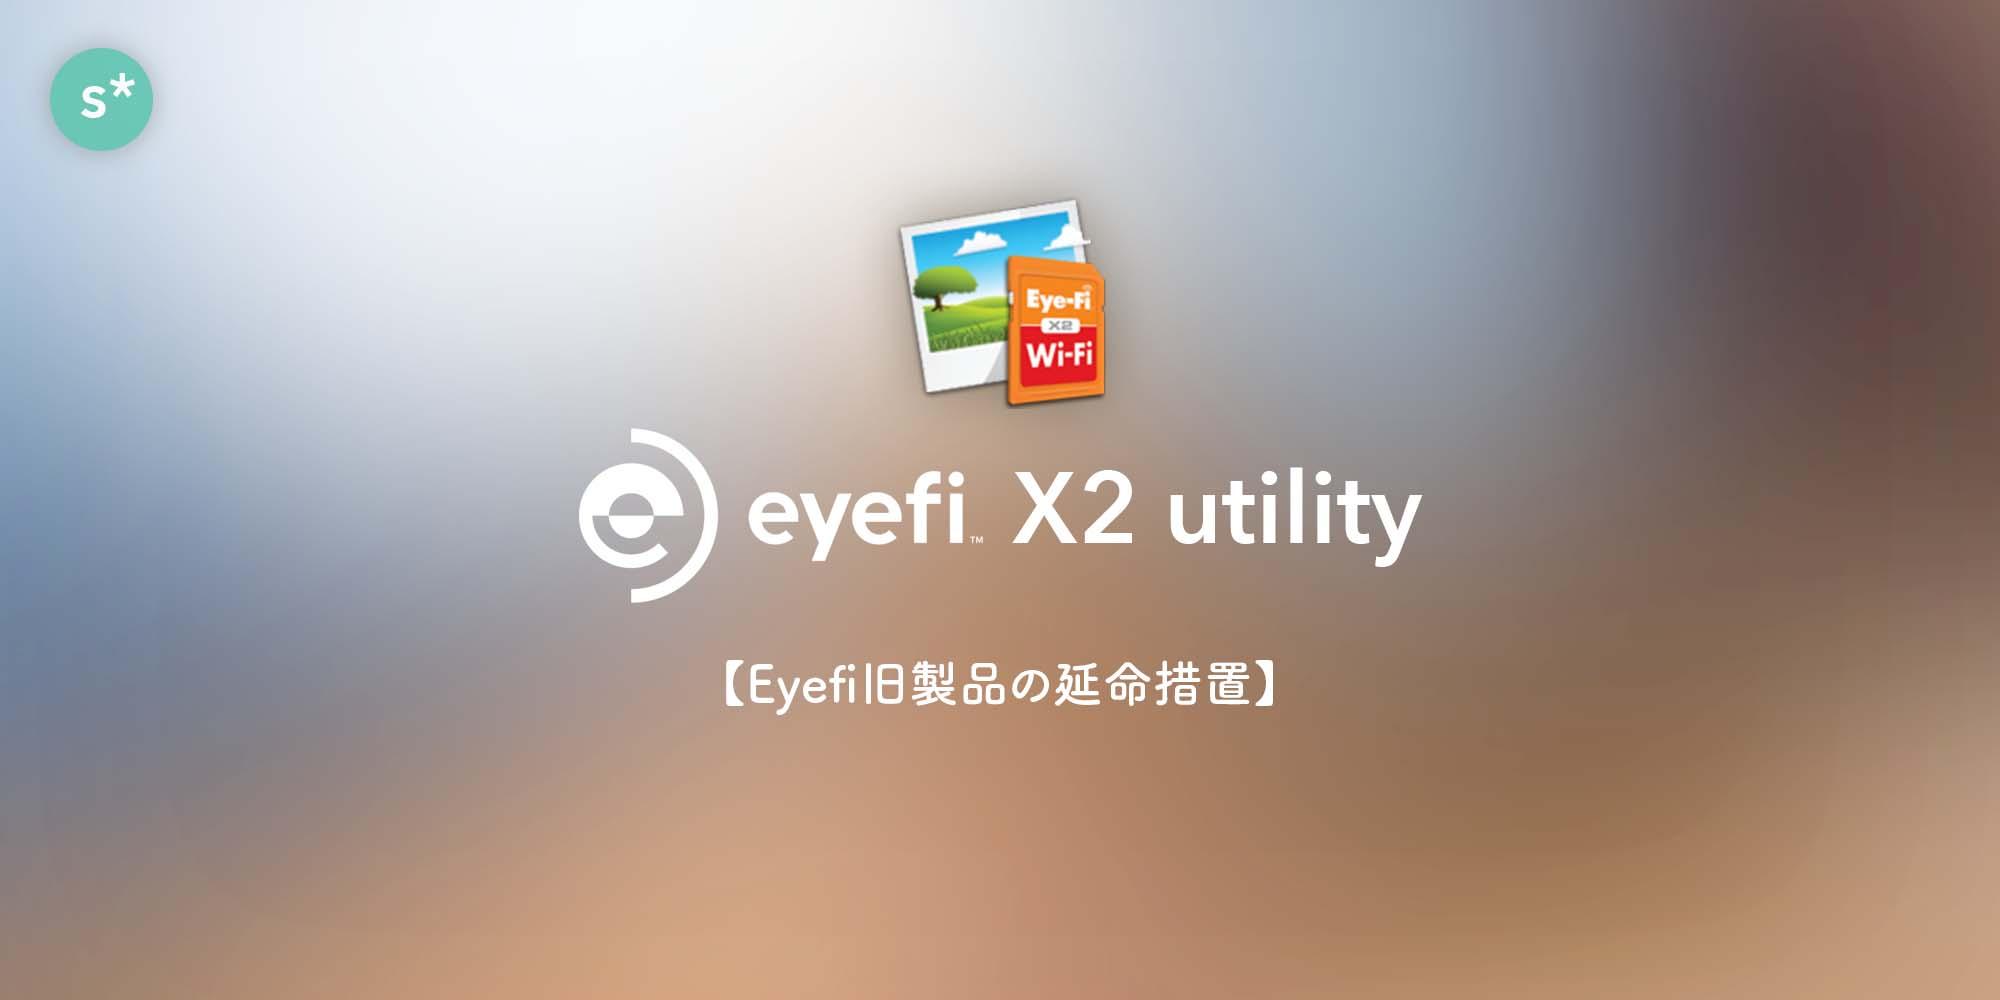 eyefi_endoflife